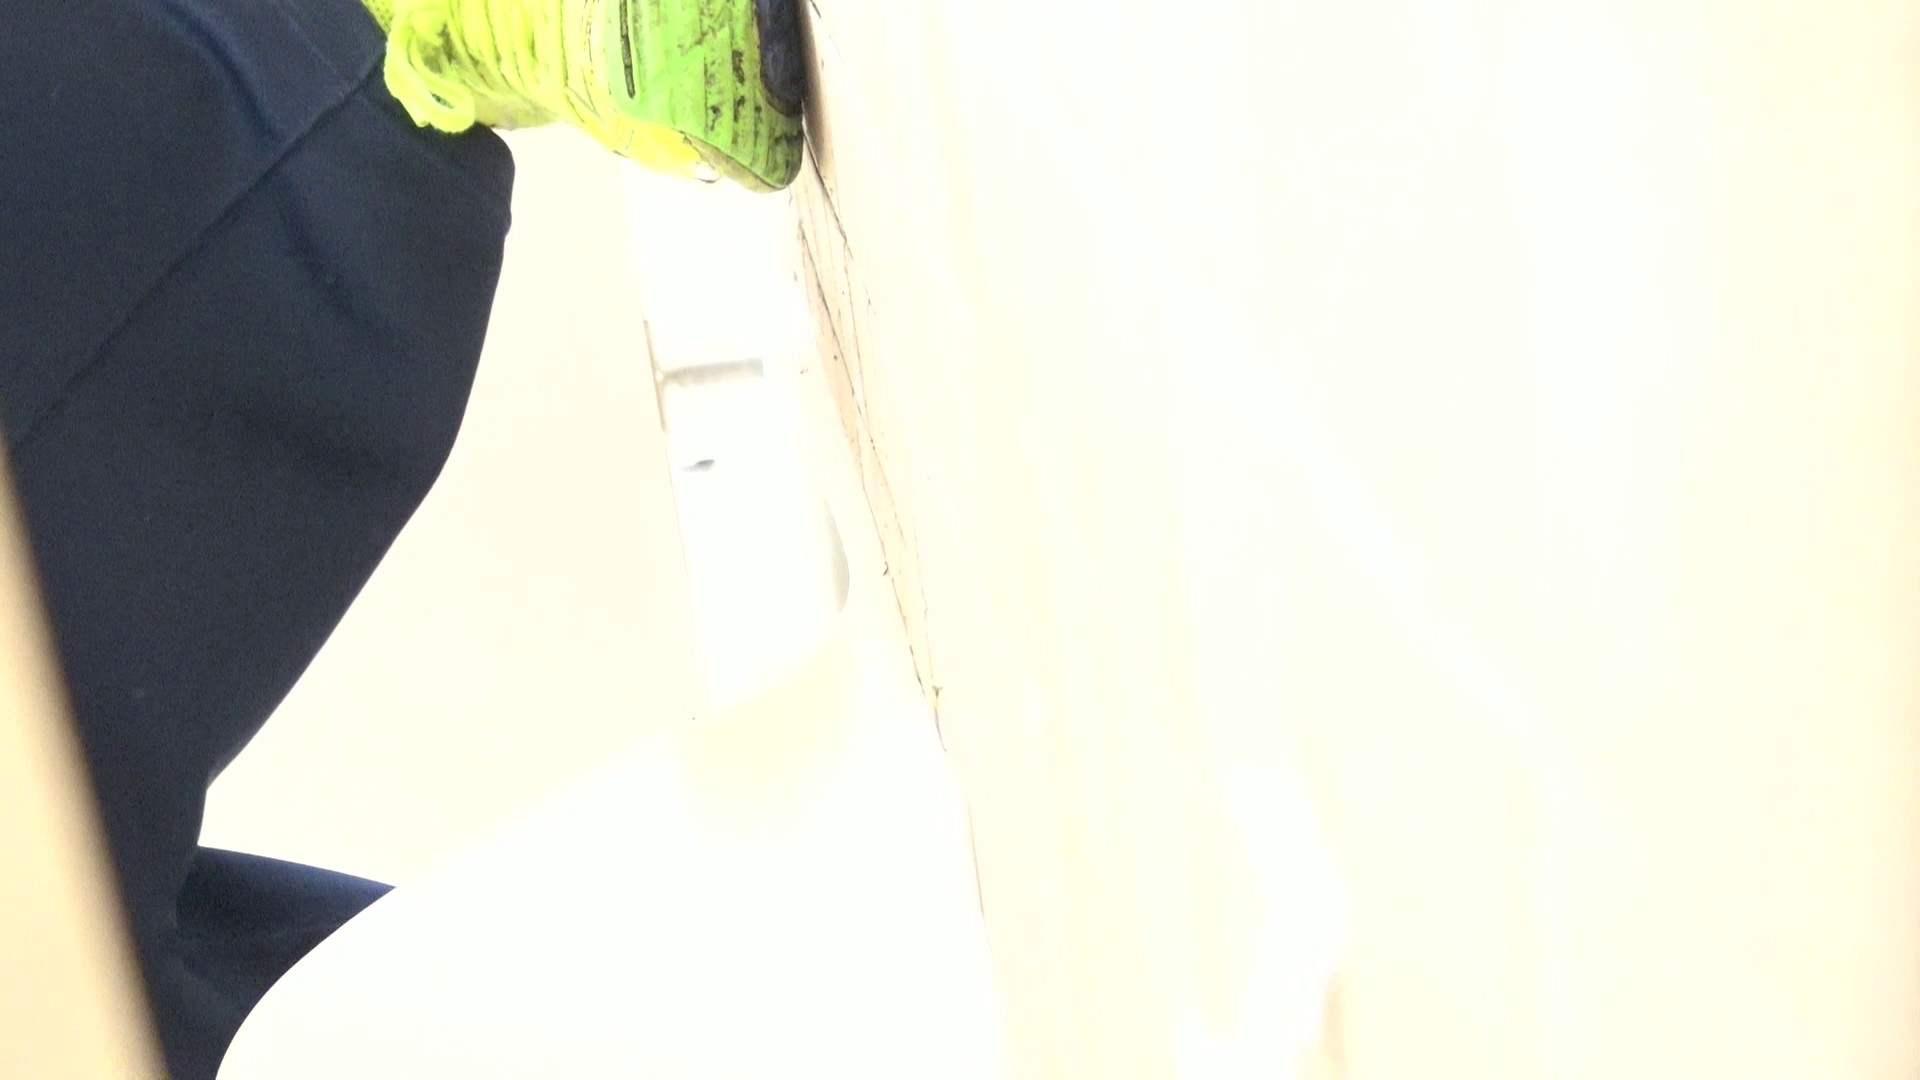 無修正エロ動画|▲期間限定D▲至高洗面所盗撮 23 至高下方撮りちょいと2カメ!!|怪盗ジョーカー